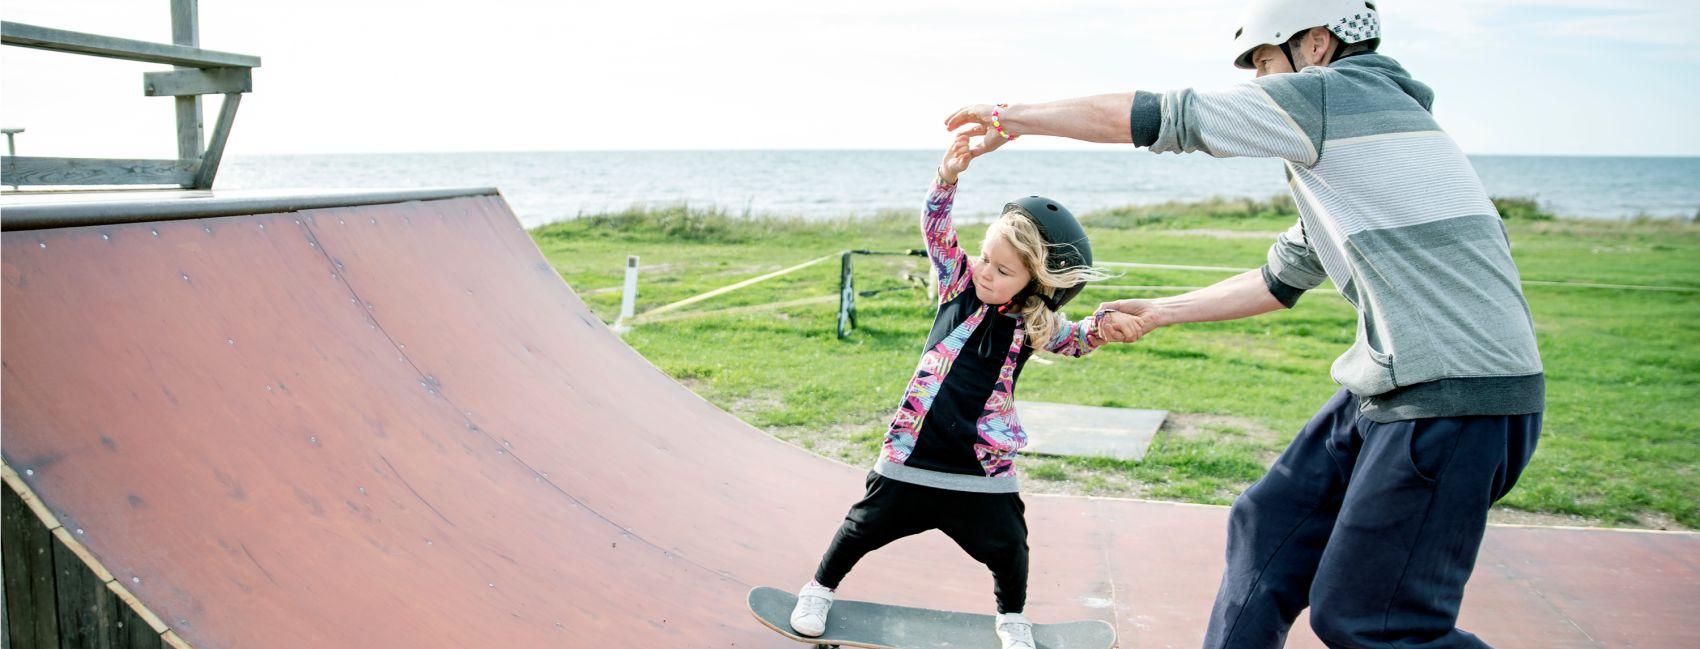 Fosterfar lærer fosterbarnet sitt, en liten jente å stå på skateboard